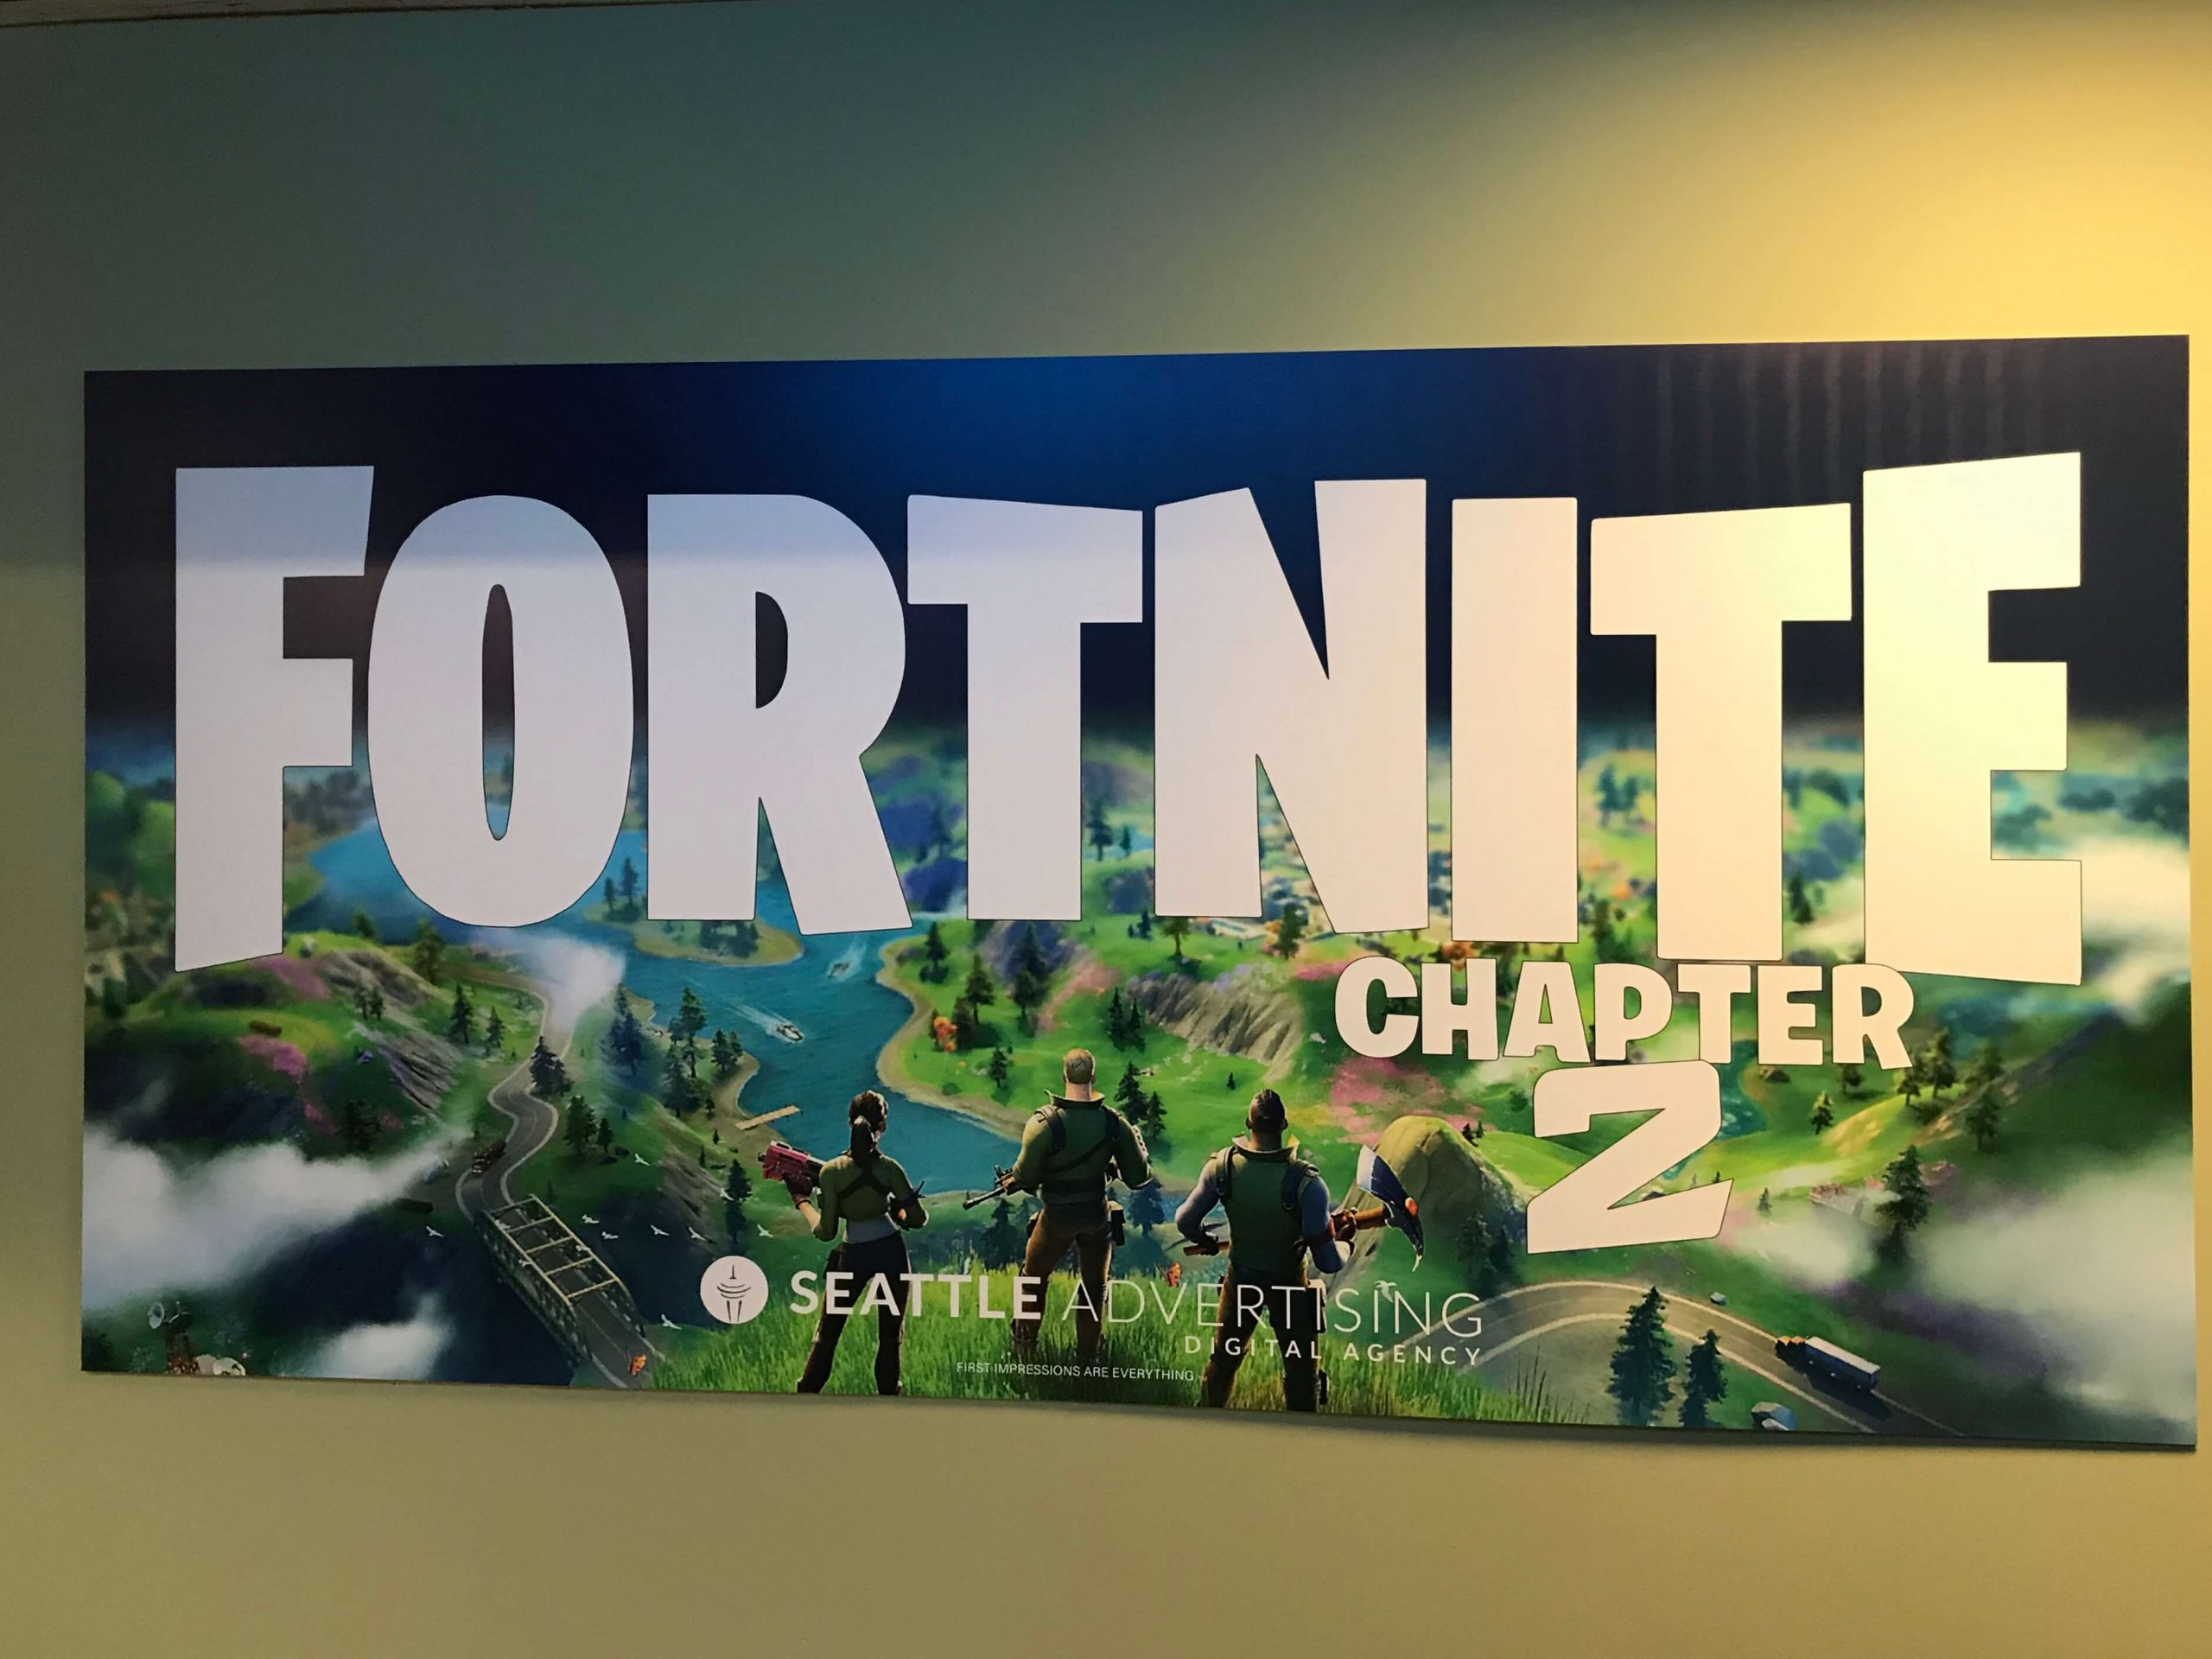 Fortnite Banner Chapter 2